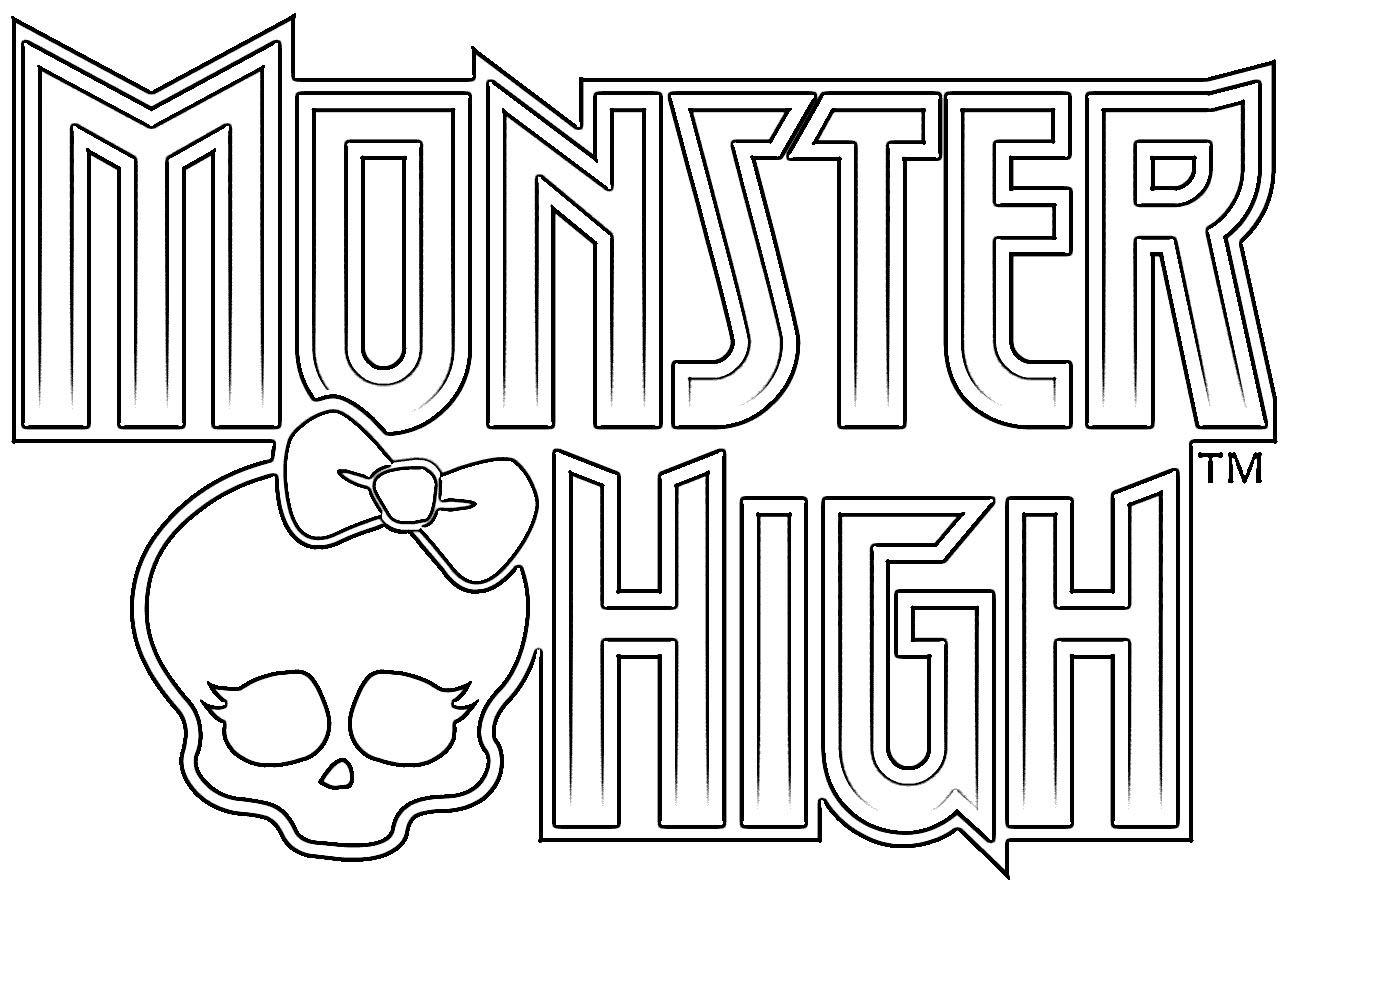 ausmalbilder monster high zum drucken